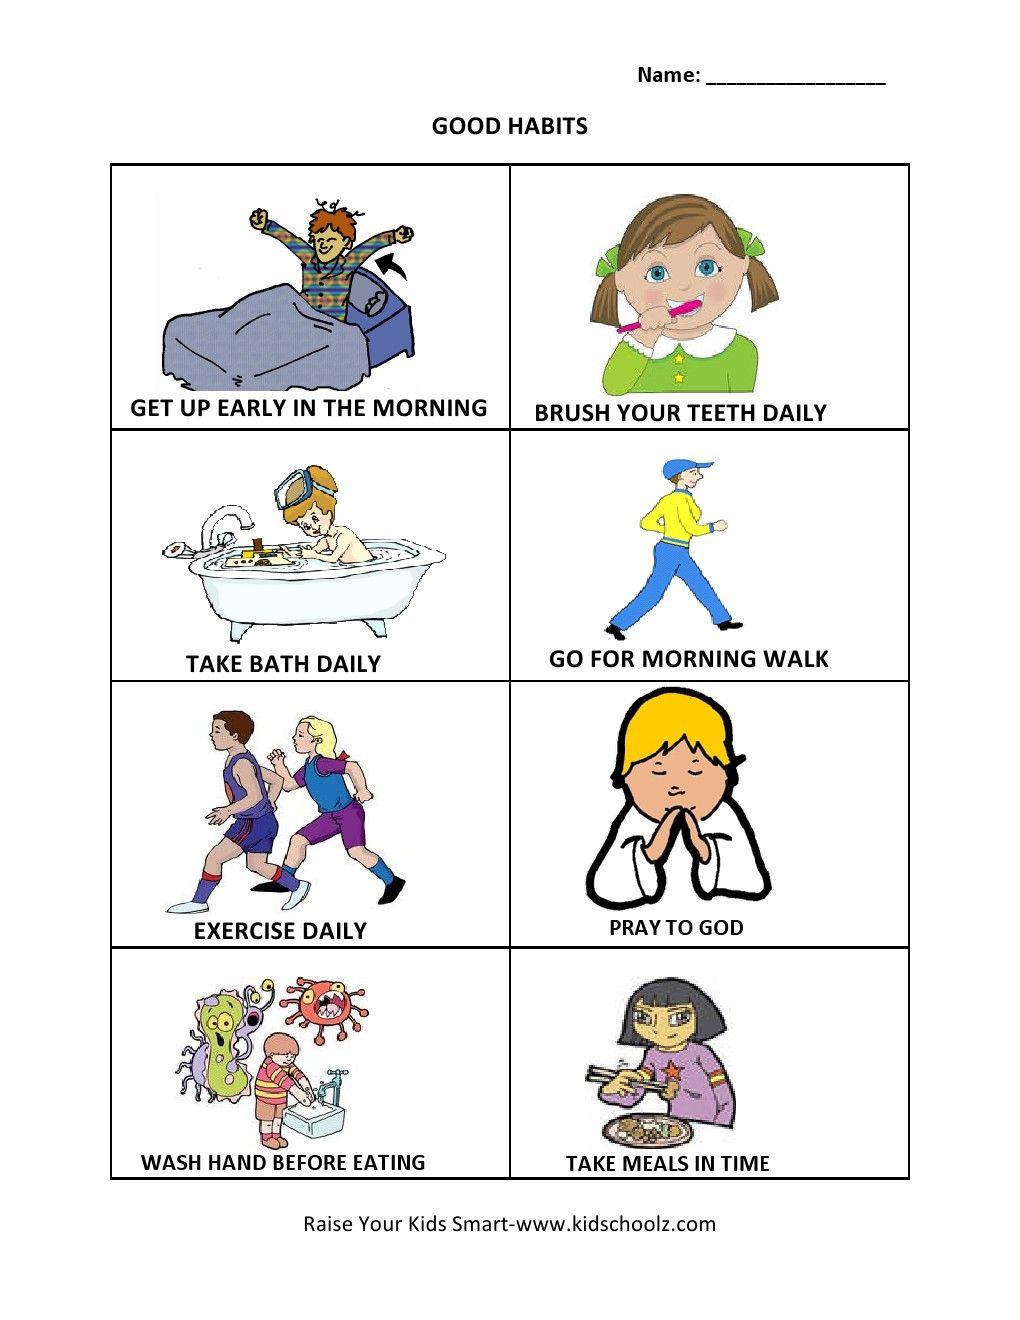 Grade 1 Good Habits Worksheet Healthy habits for